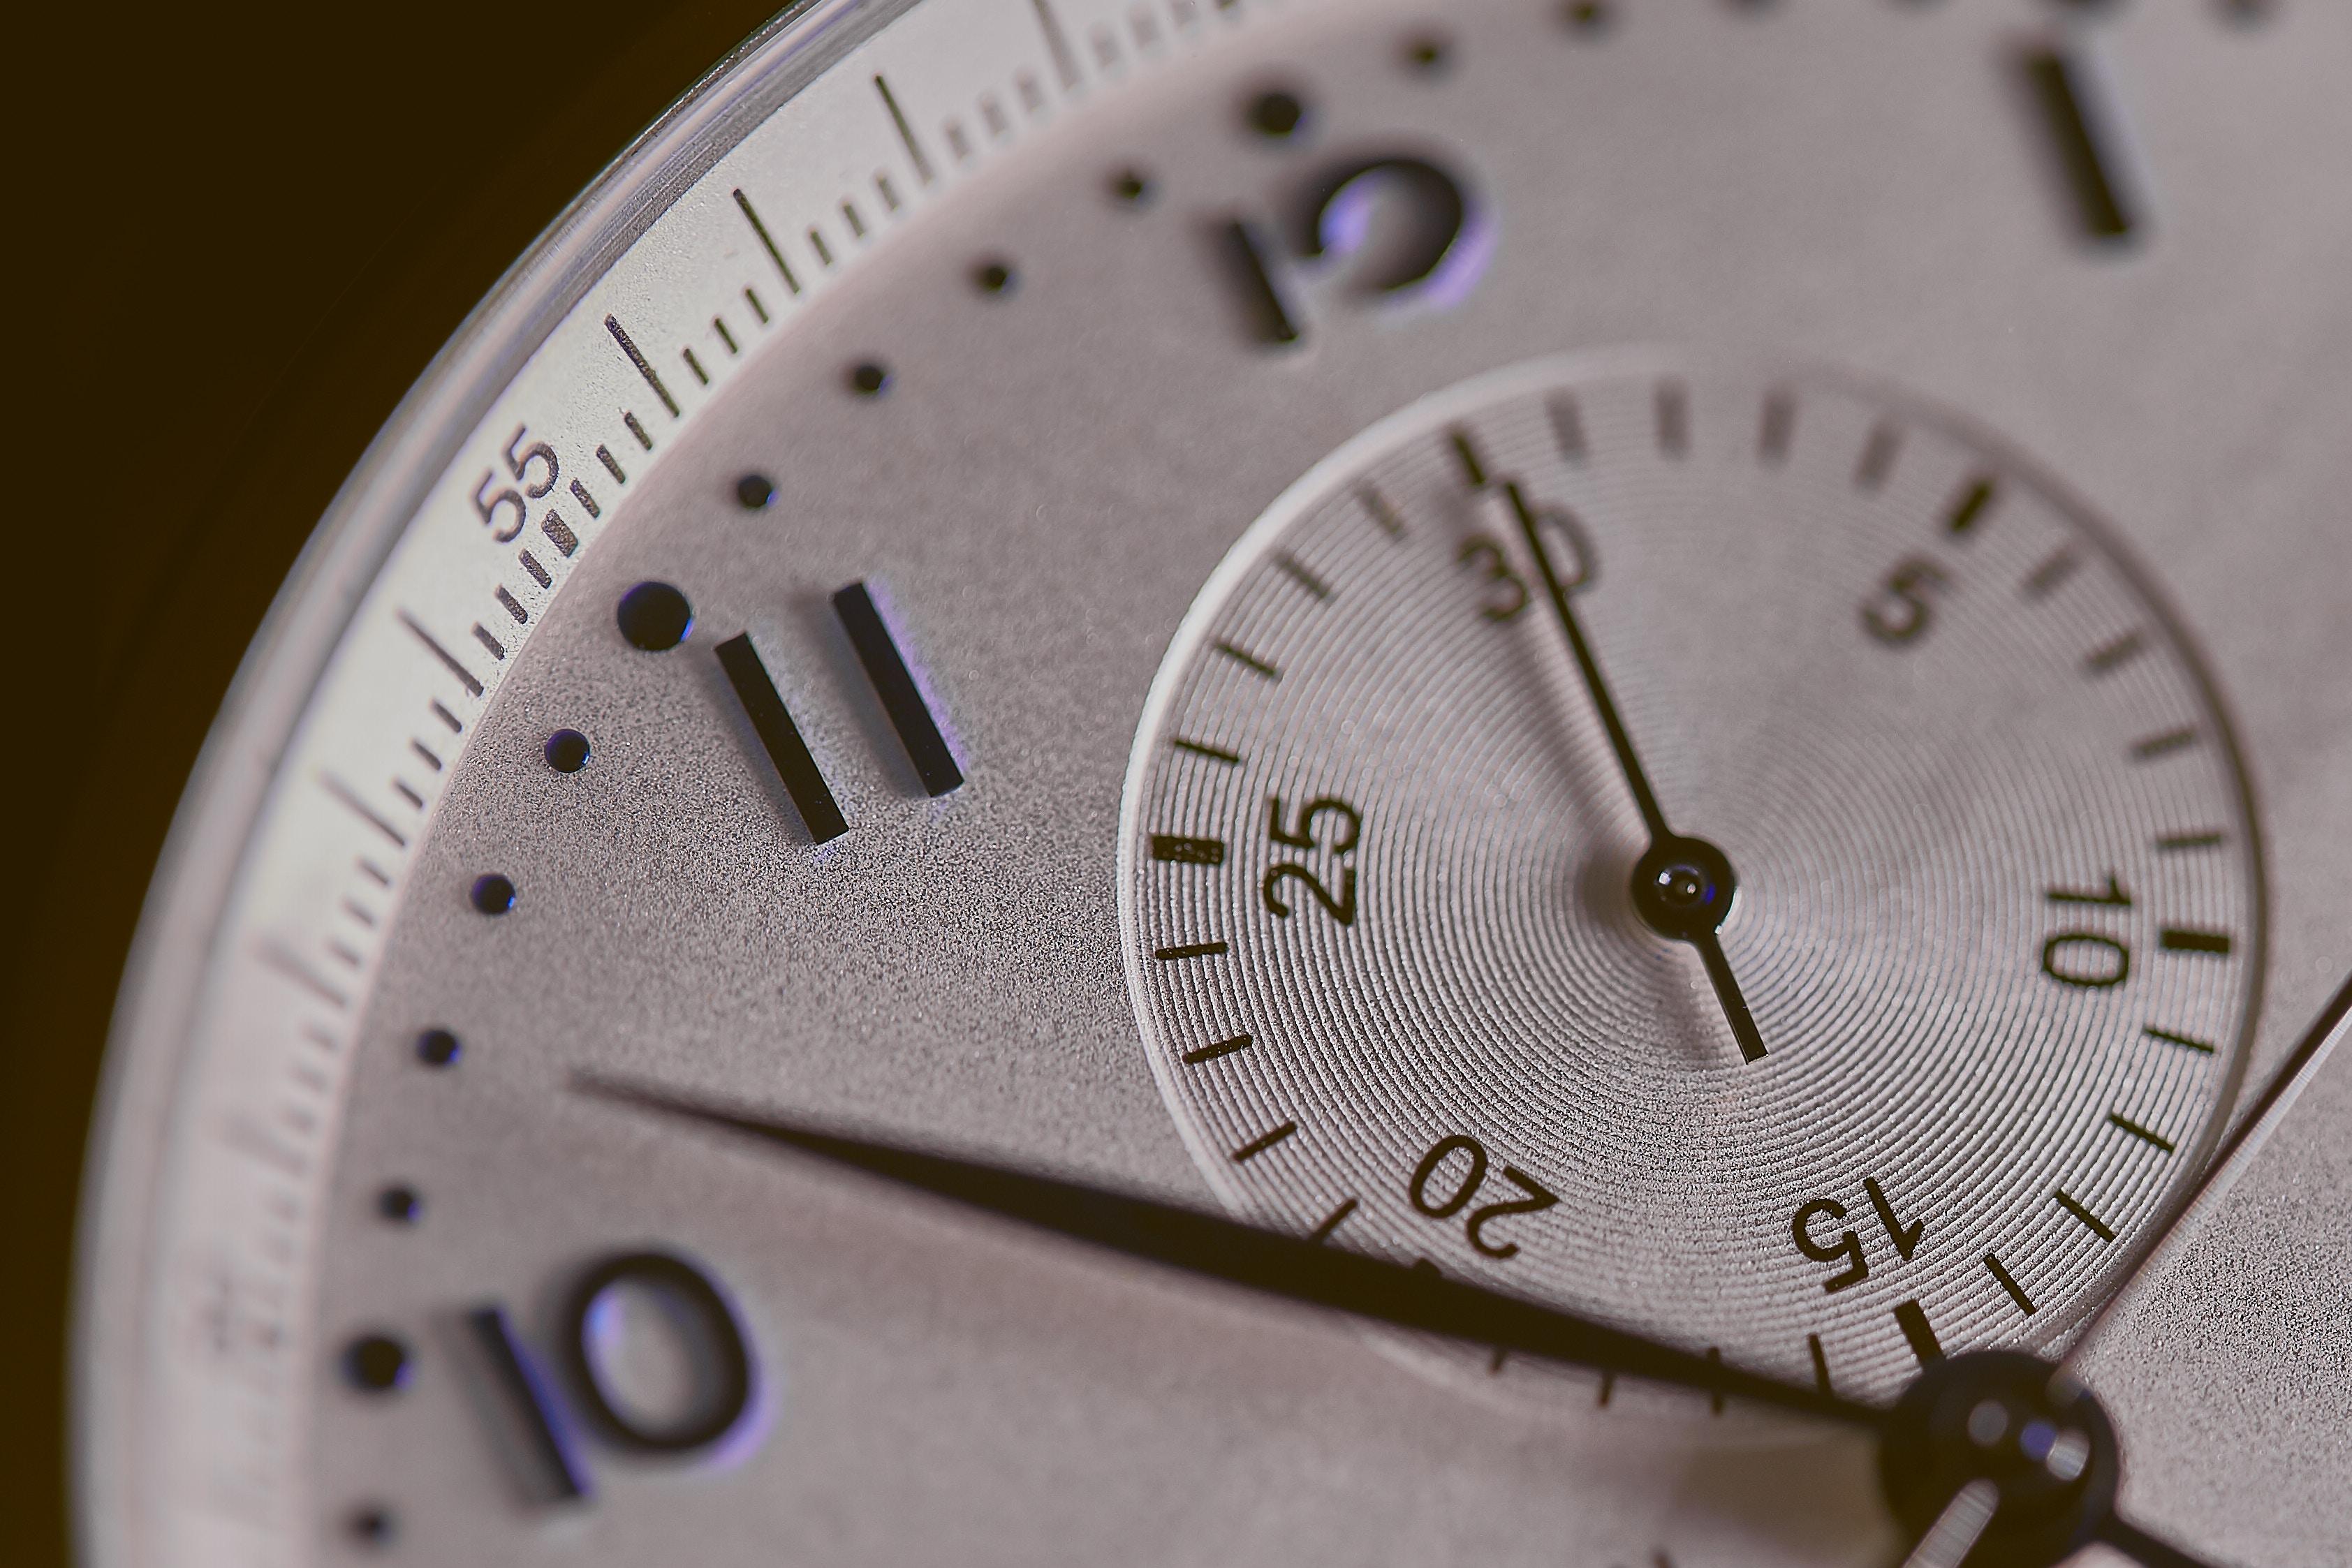 Essen im 8 zu 16 Rhythmus beachtet Zeiträume: Detailaufnahme einer Uhr.